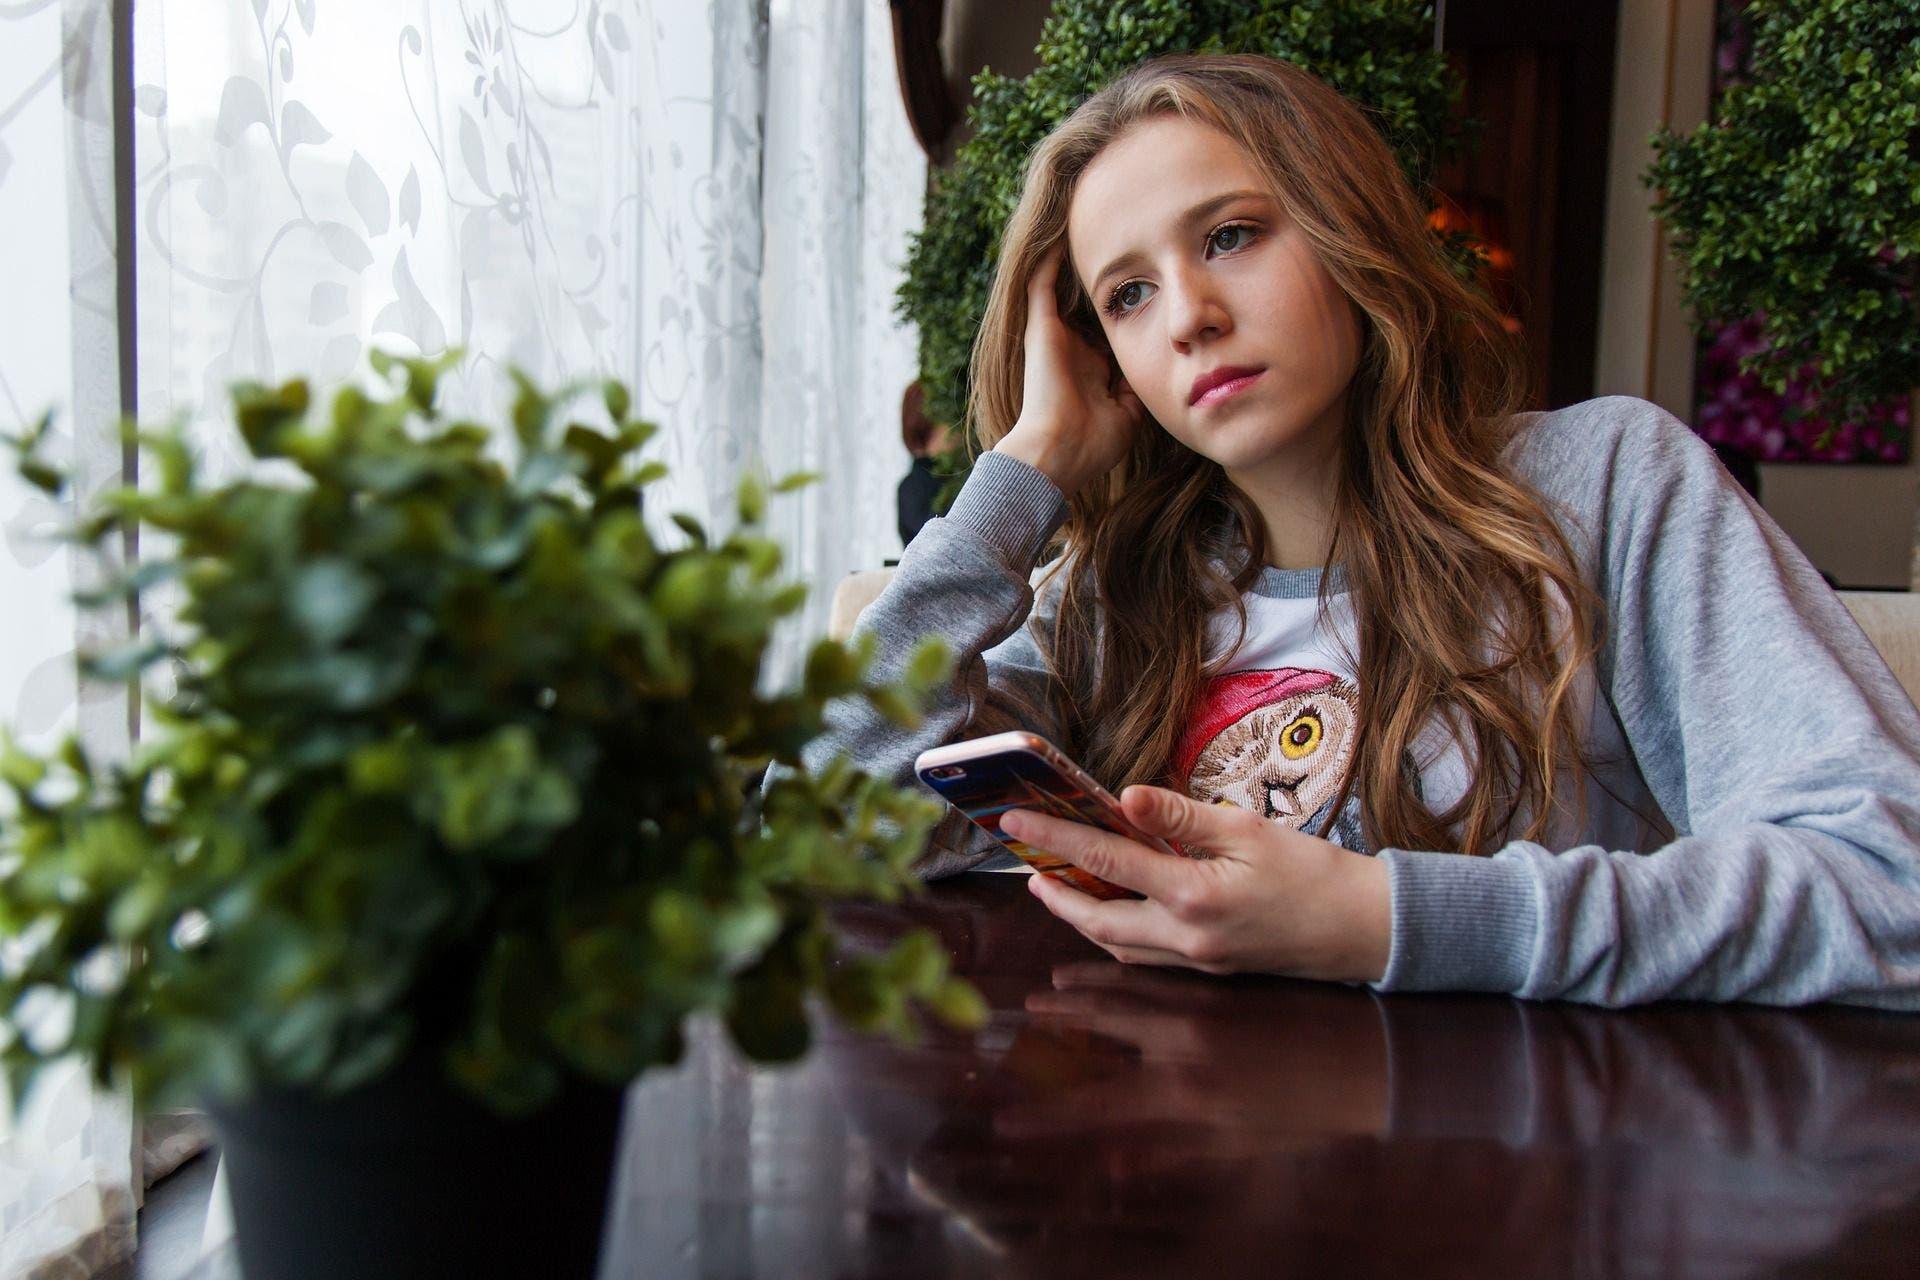 Las exnovias y las redes sociales